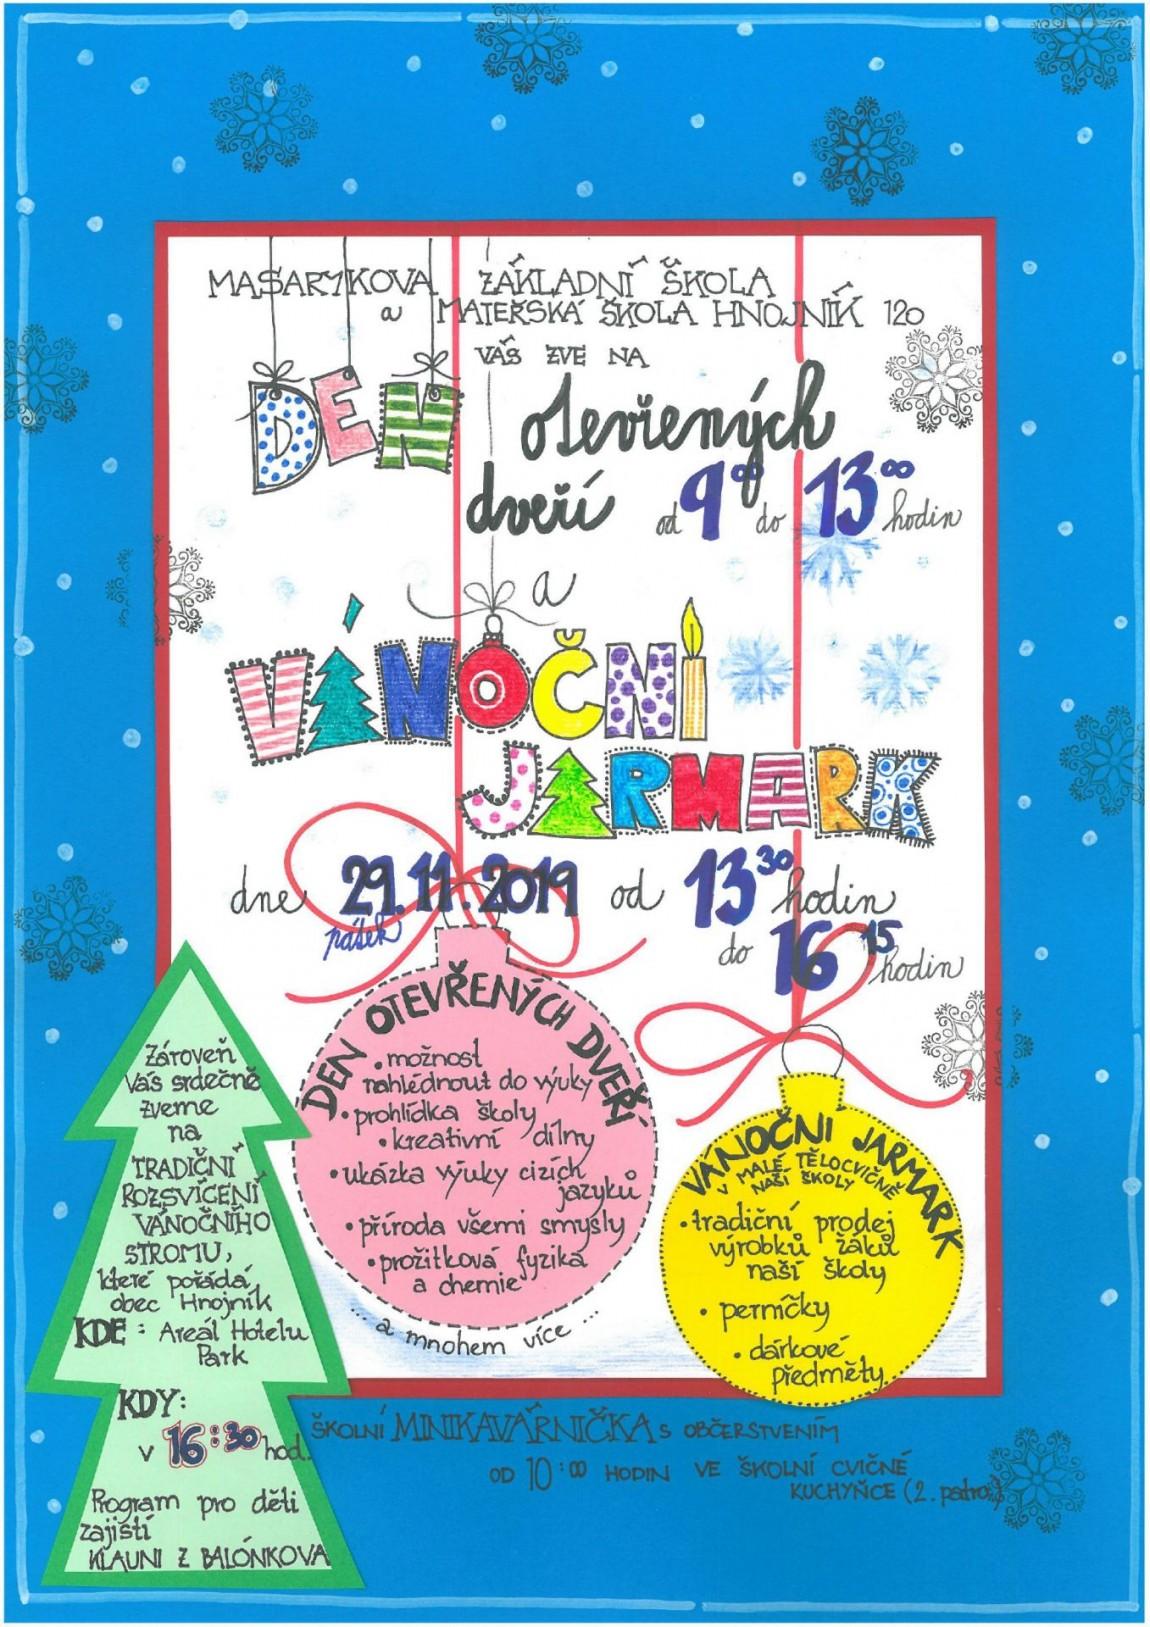 Den otevřených dveří a vánoční jarmark